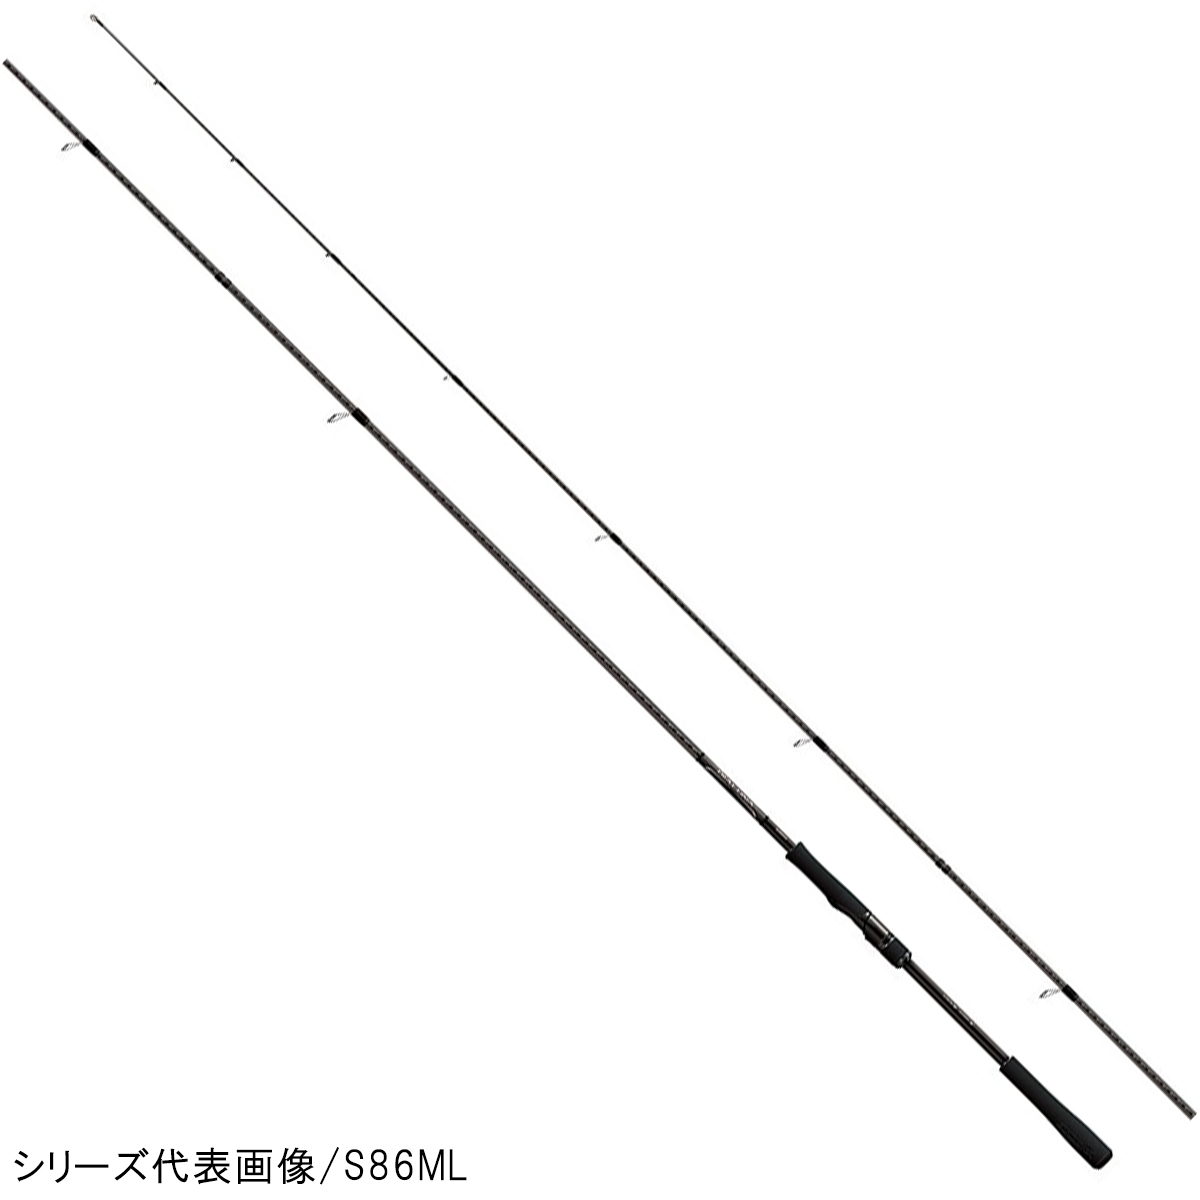 シマノ ディアルーナ (スピニング) S90ML【大型商品】